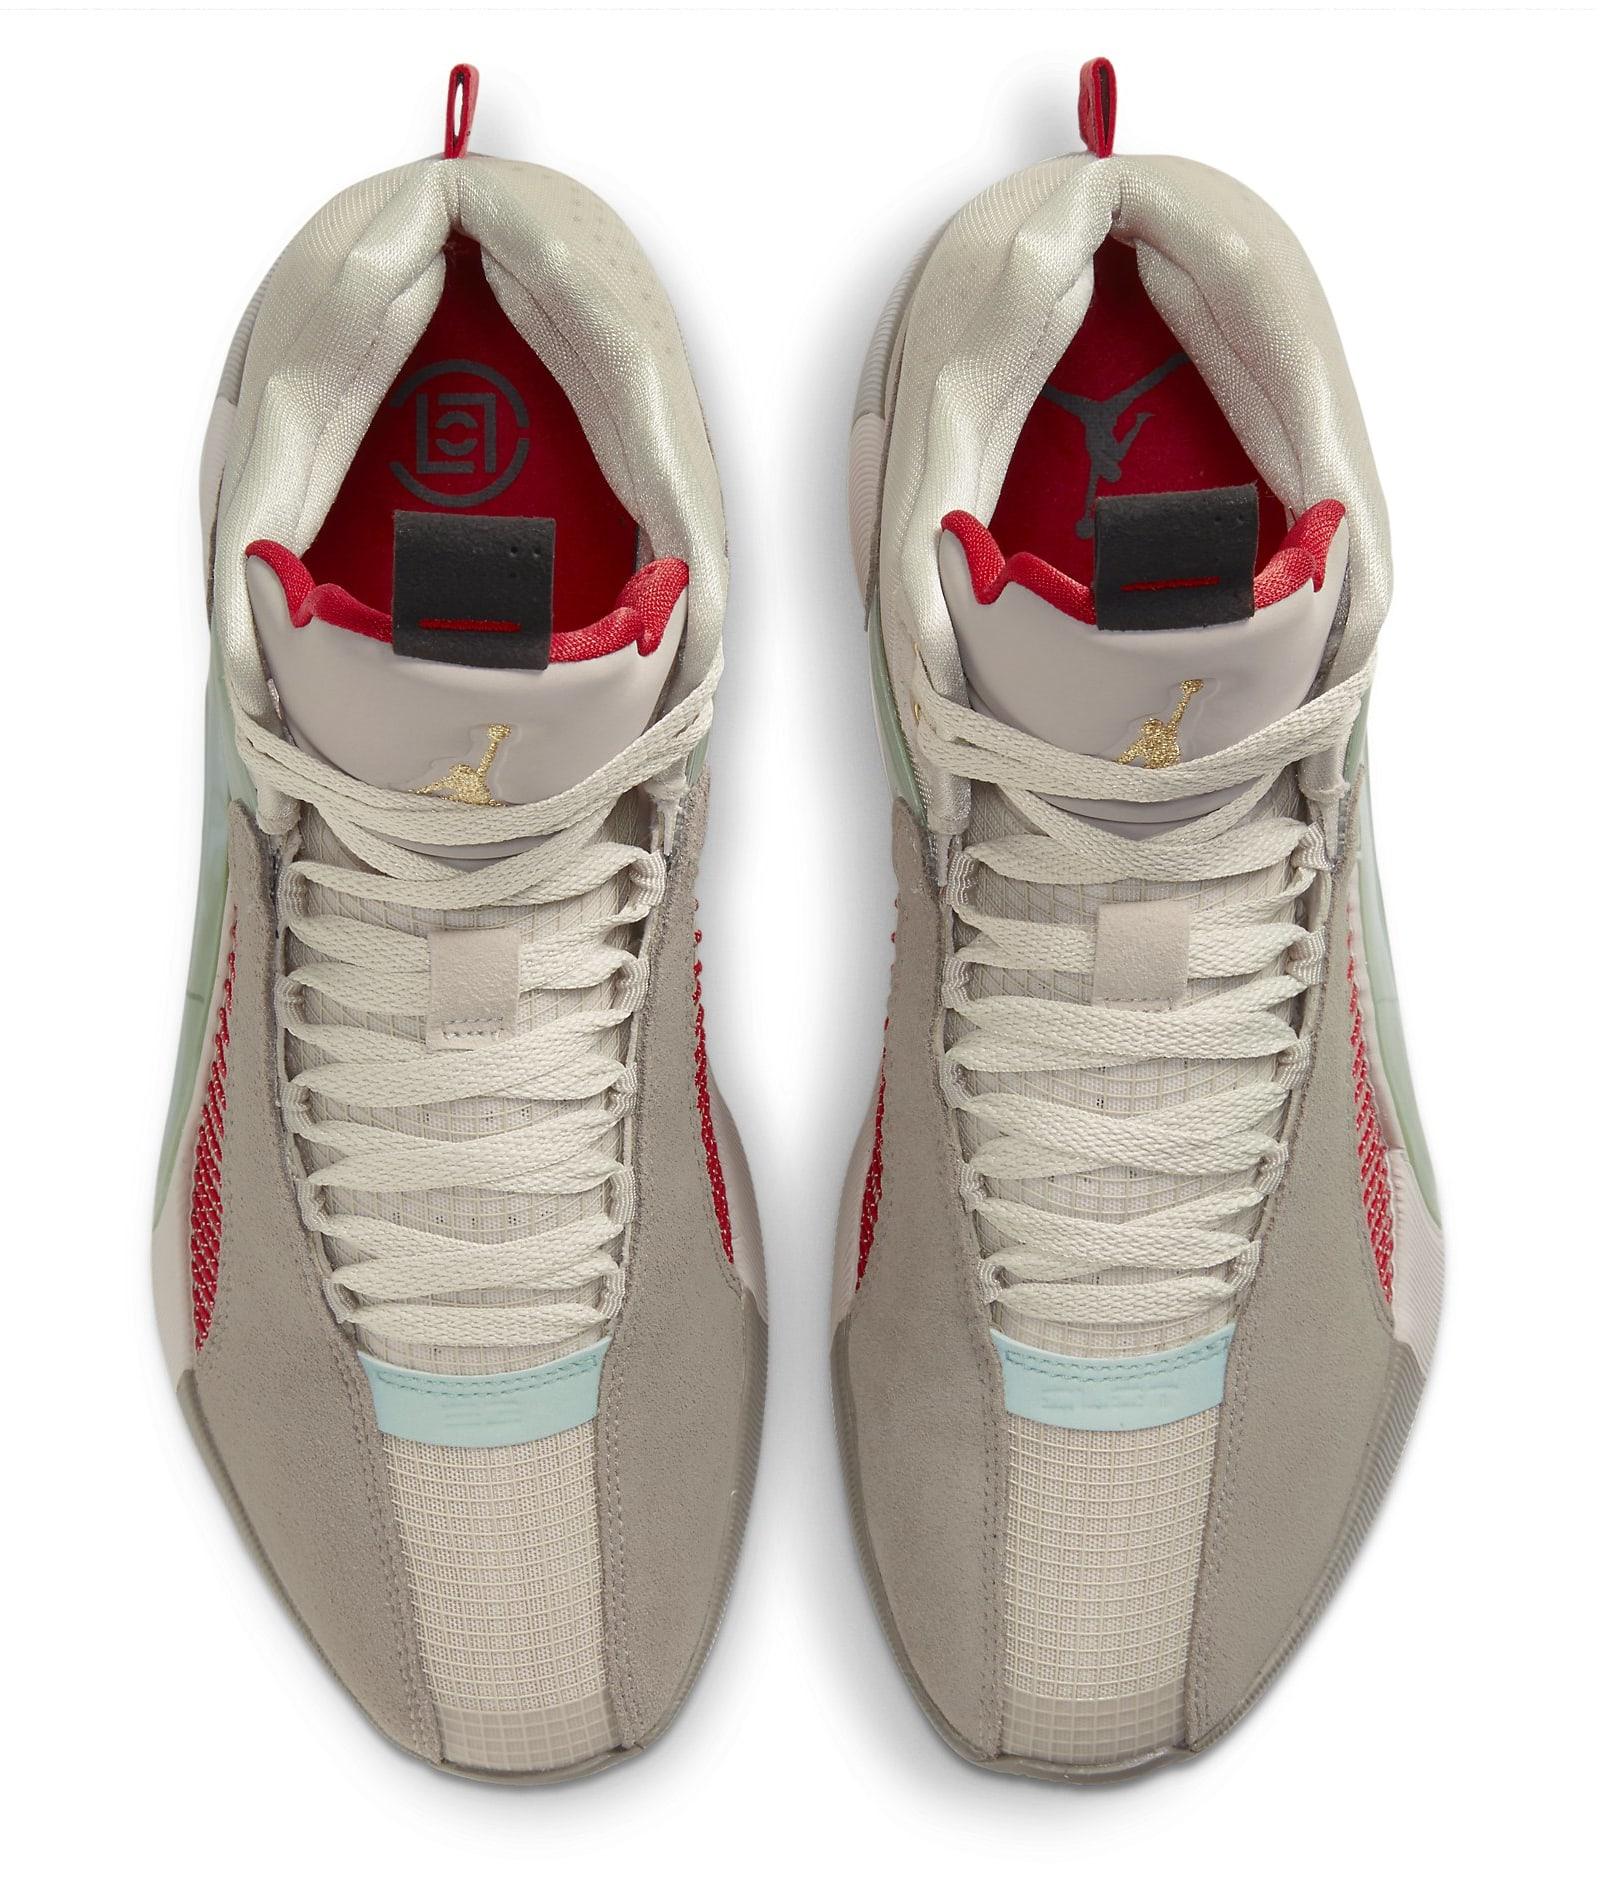 CLOT x Air Jordan 35 DD9322-200 Top